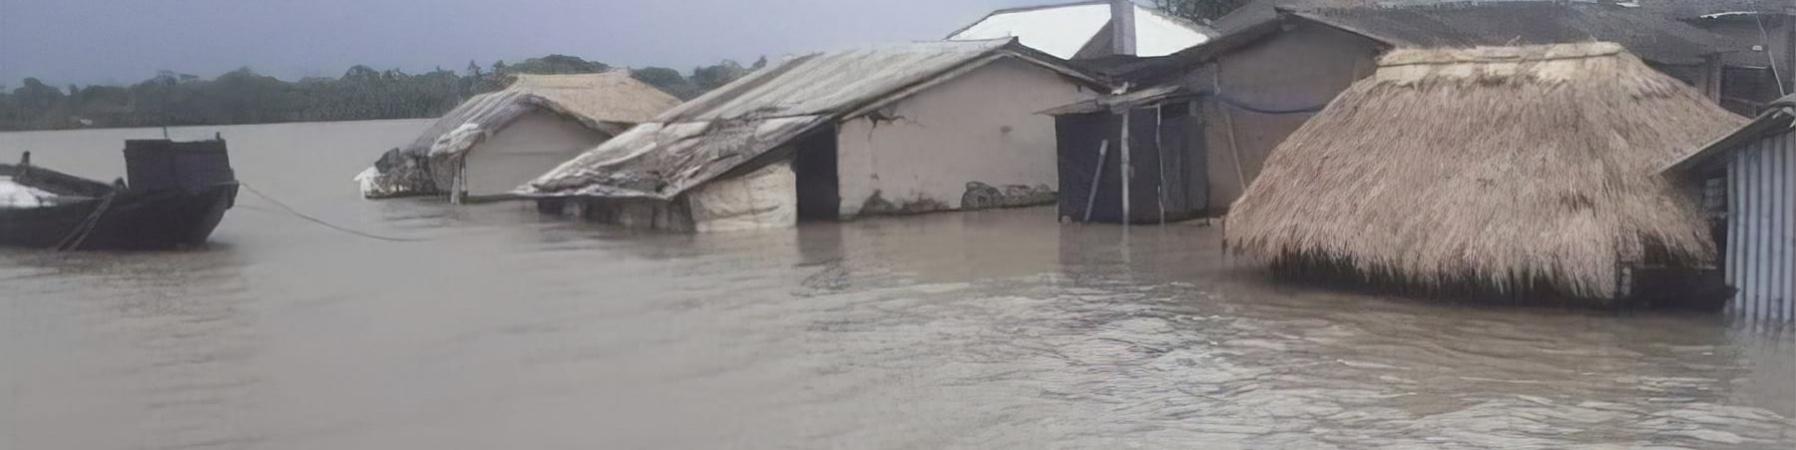 Villaggio sommerso dalle acque, spuntano solo i tetti